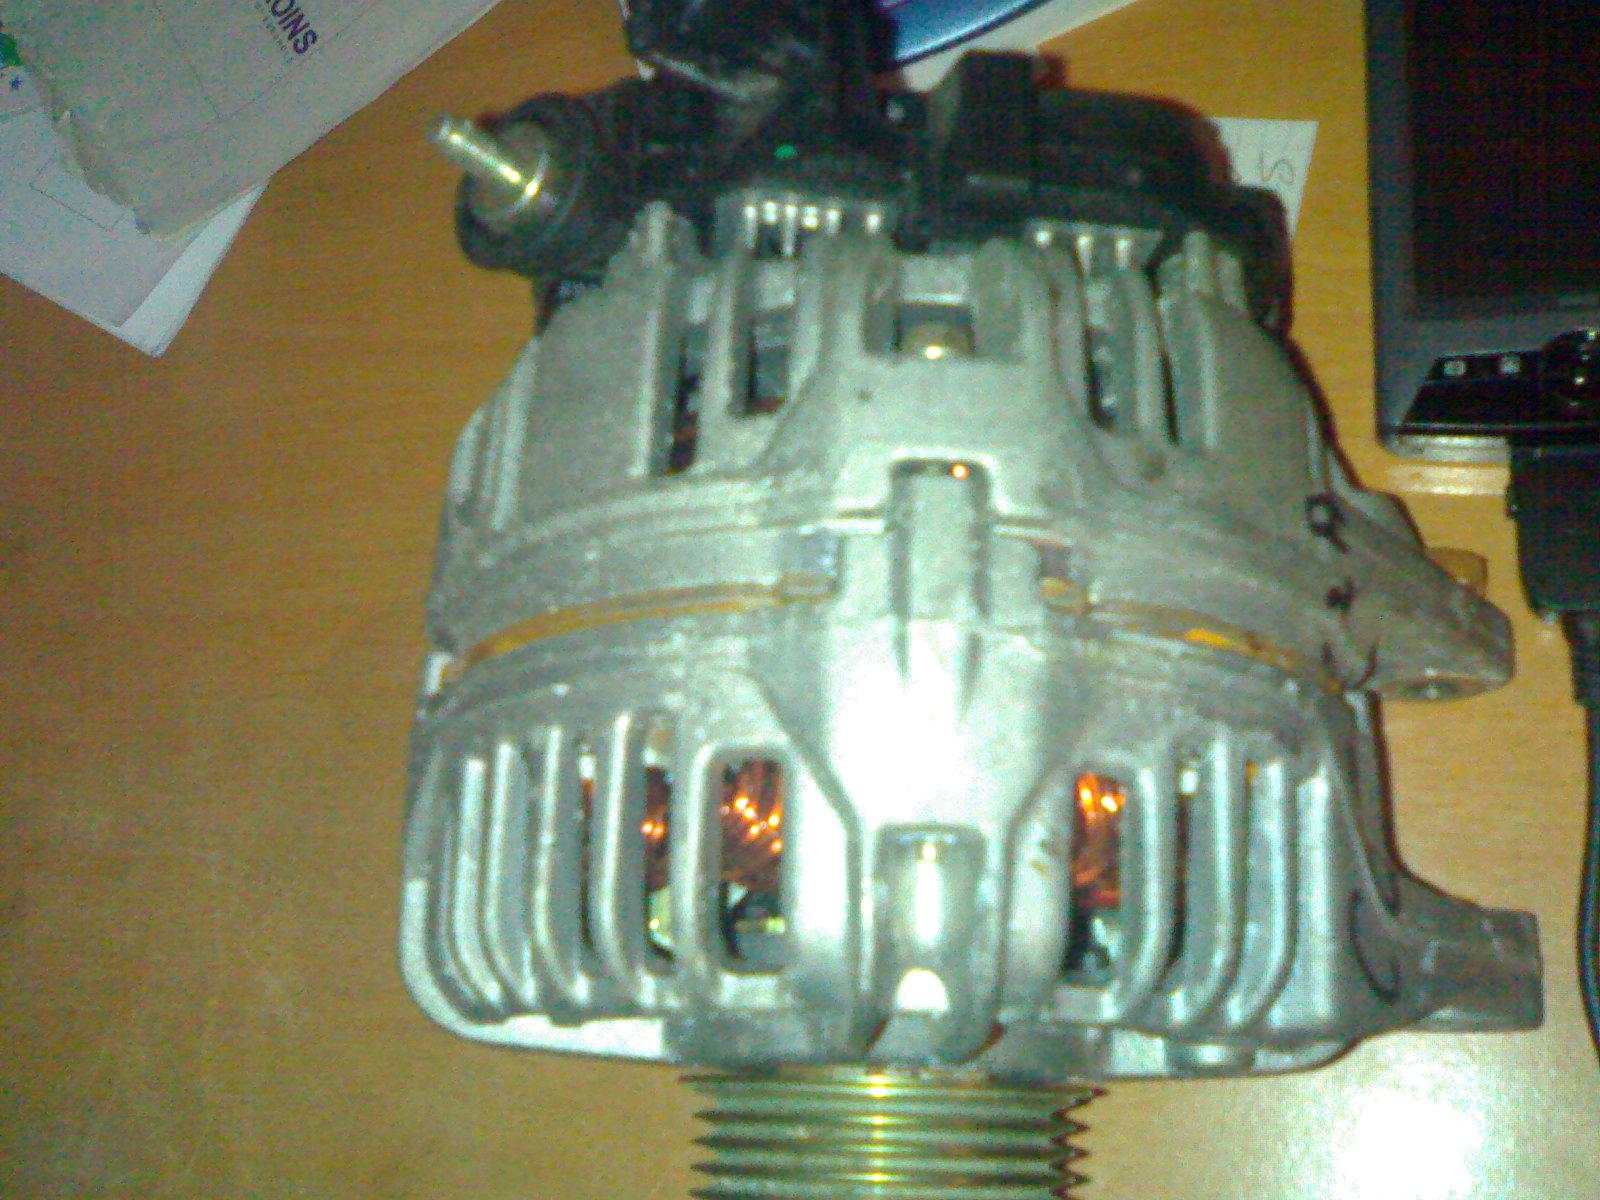 Alternatoare si electromotoare